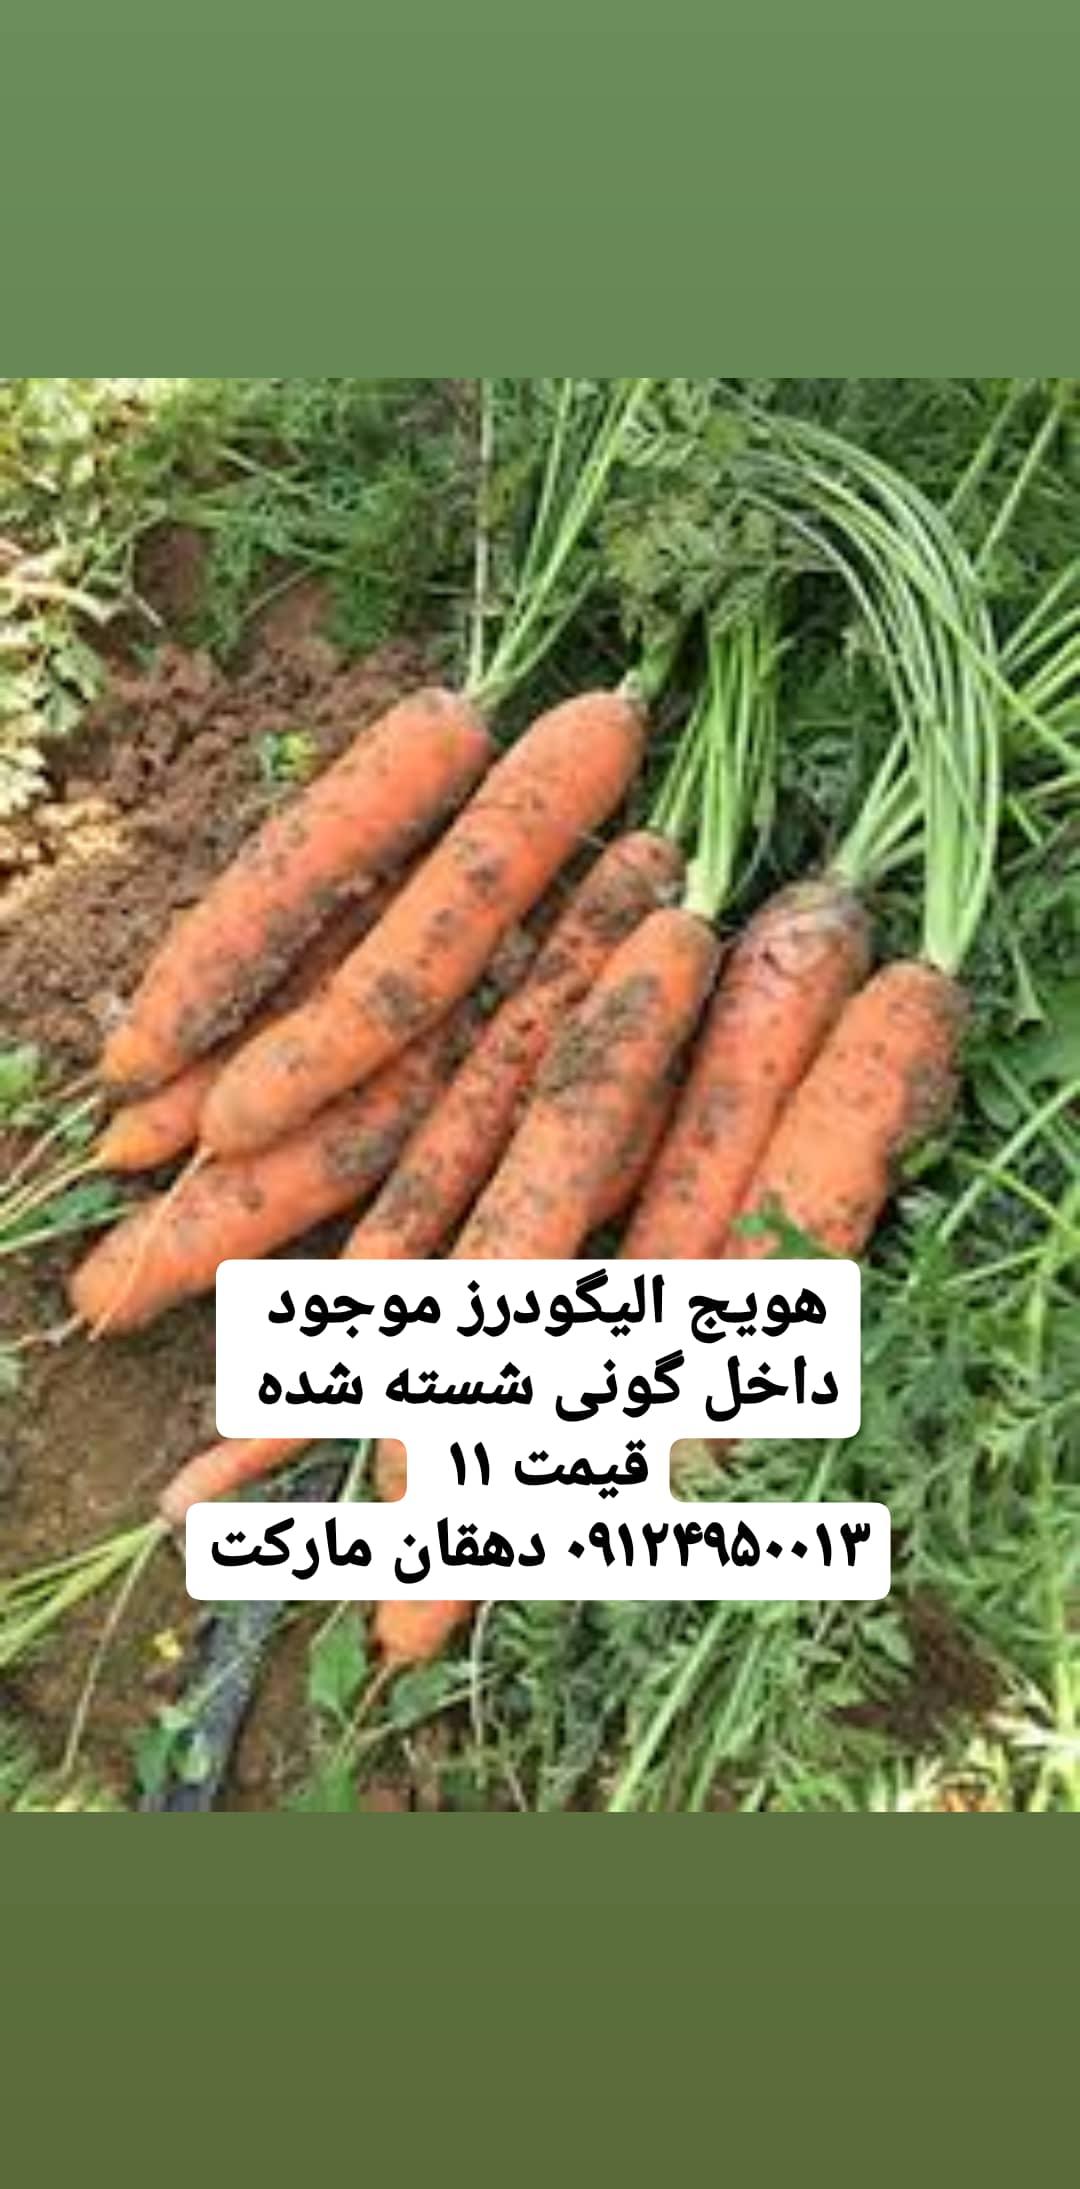 هویج ِالیگودرز شسته